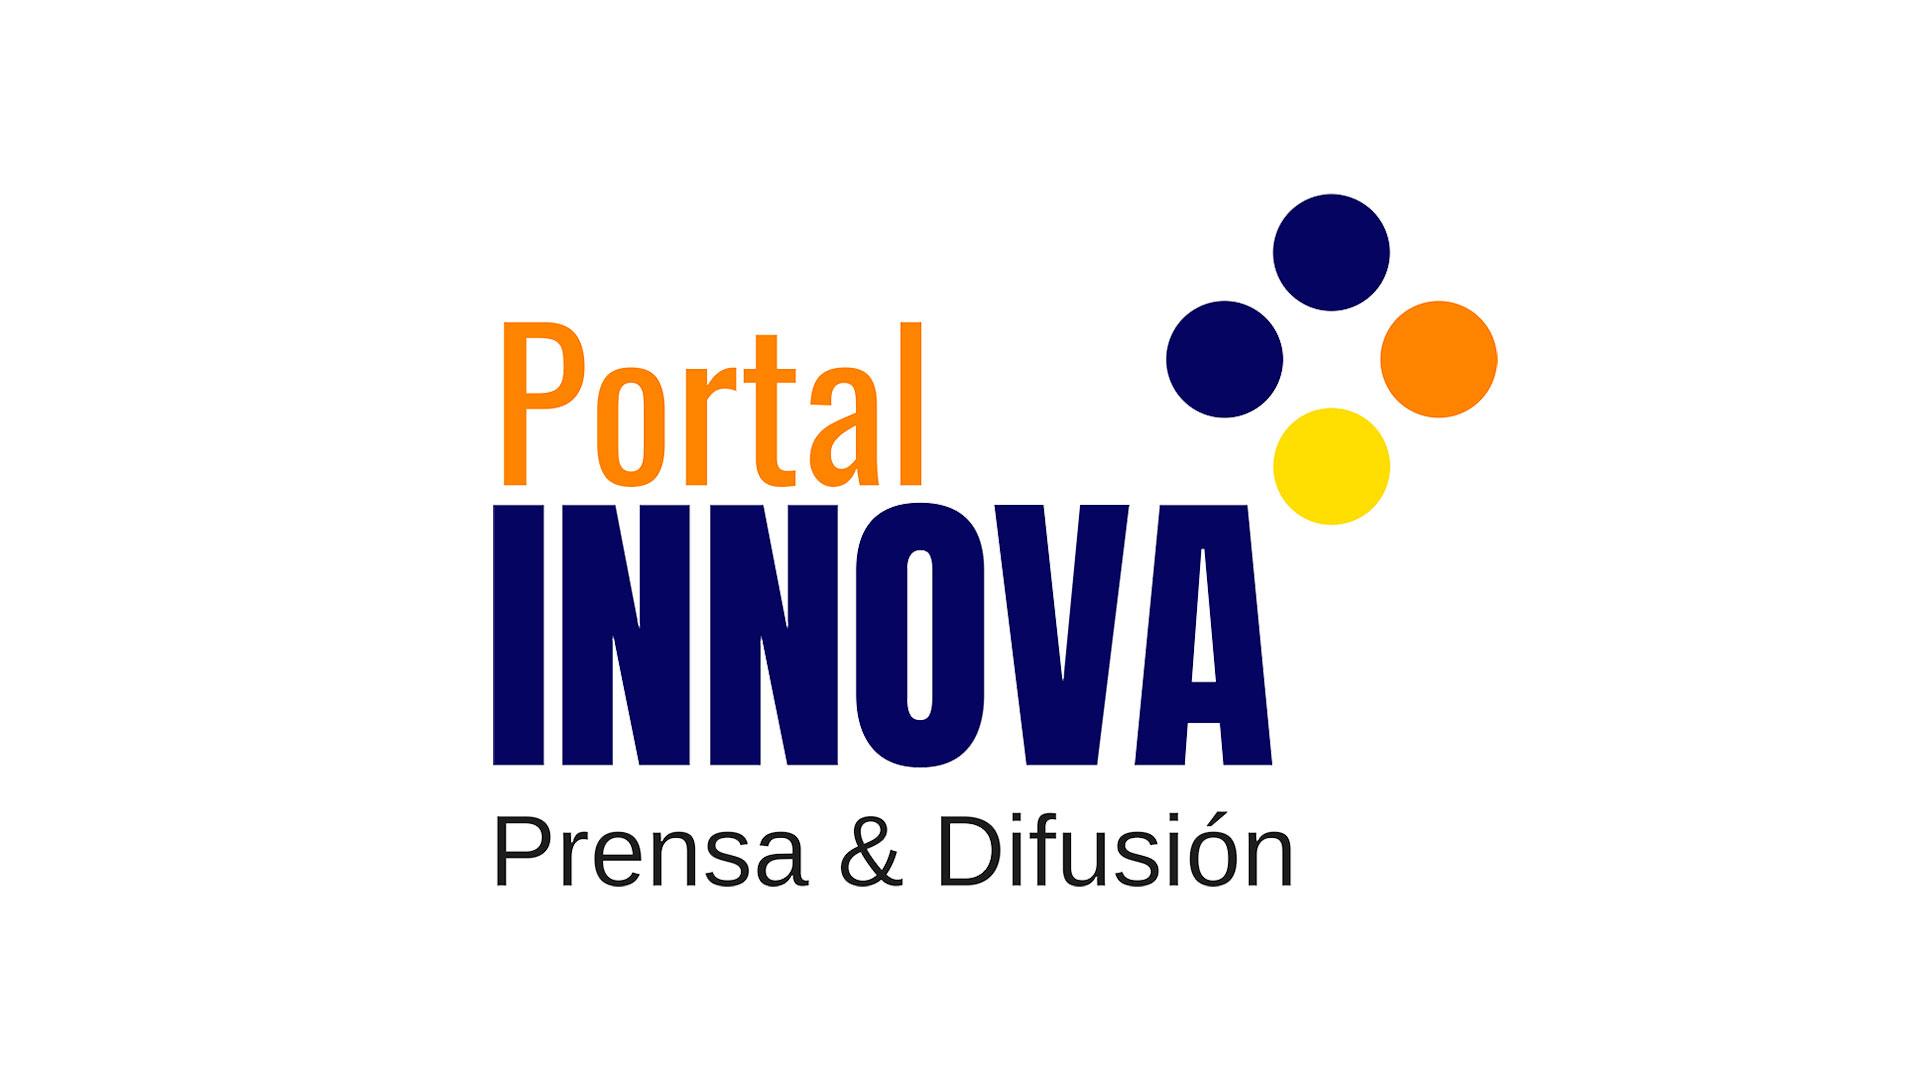 Portal Innova